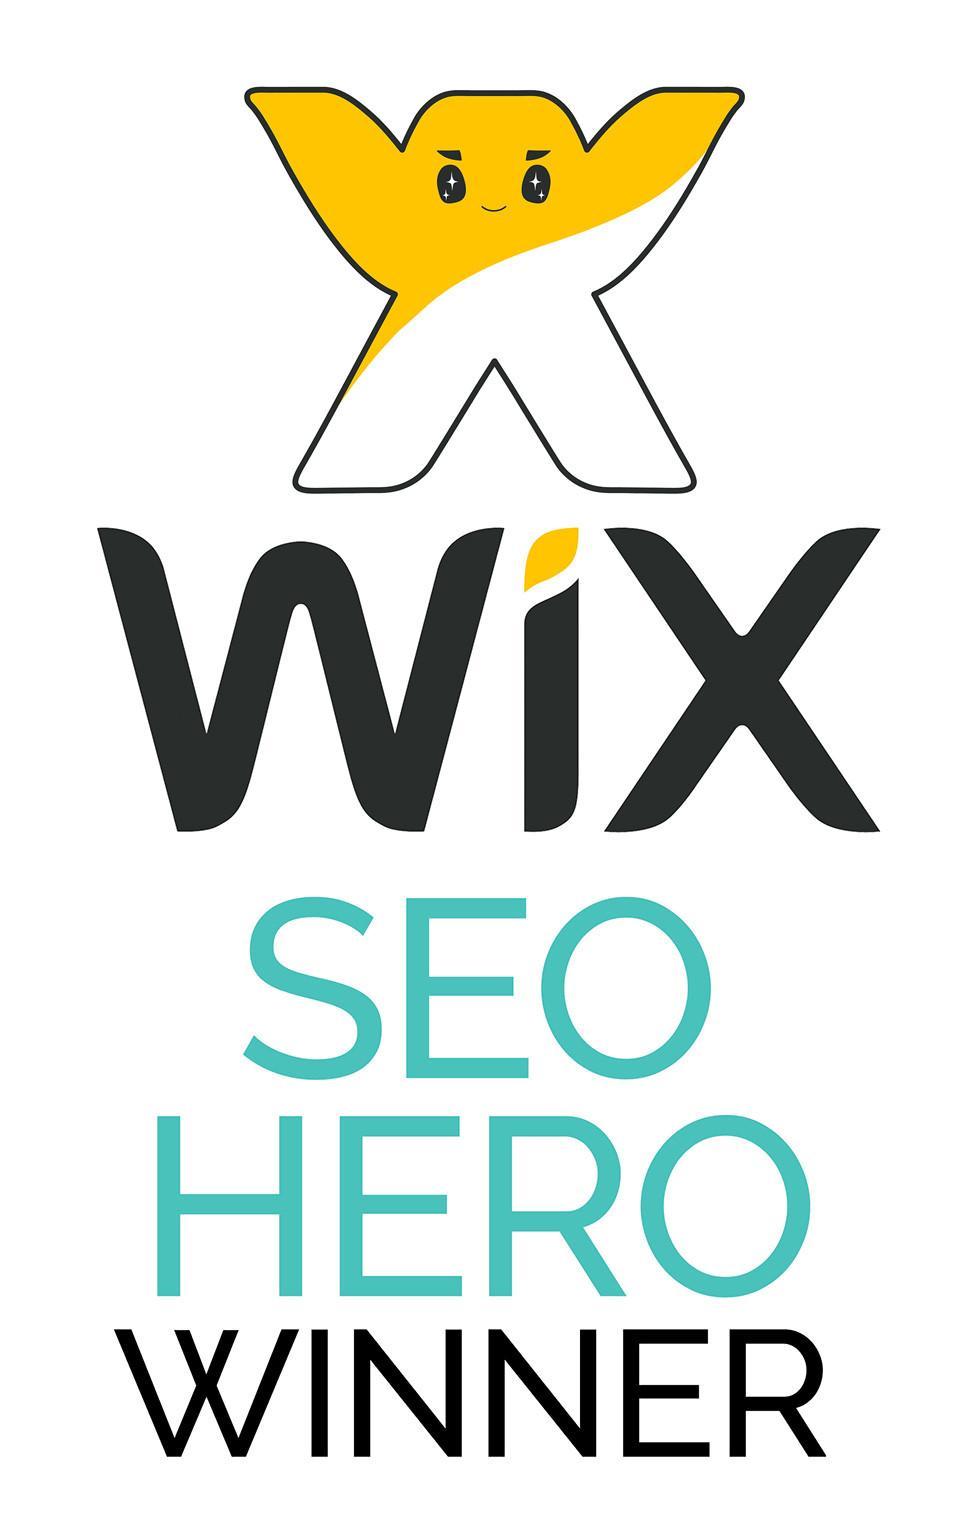 SEO Hero Winner